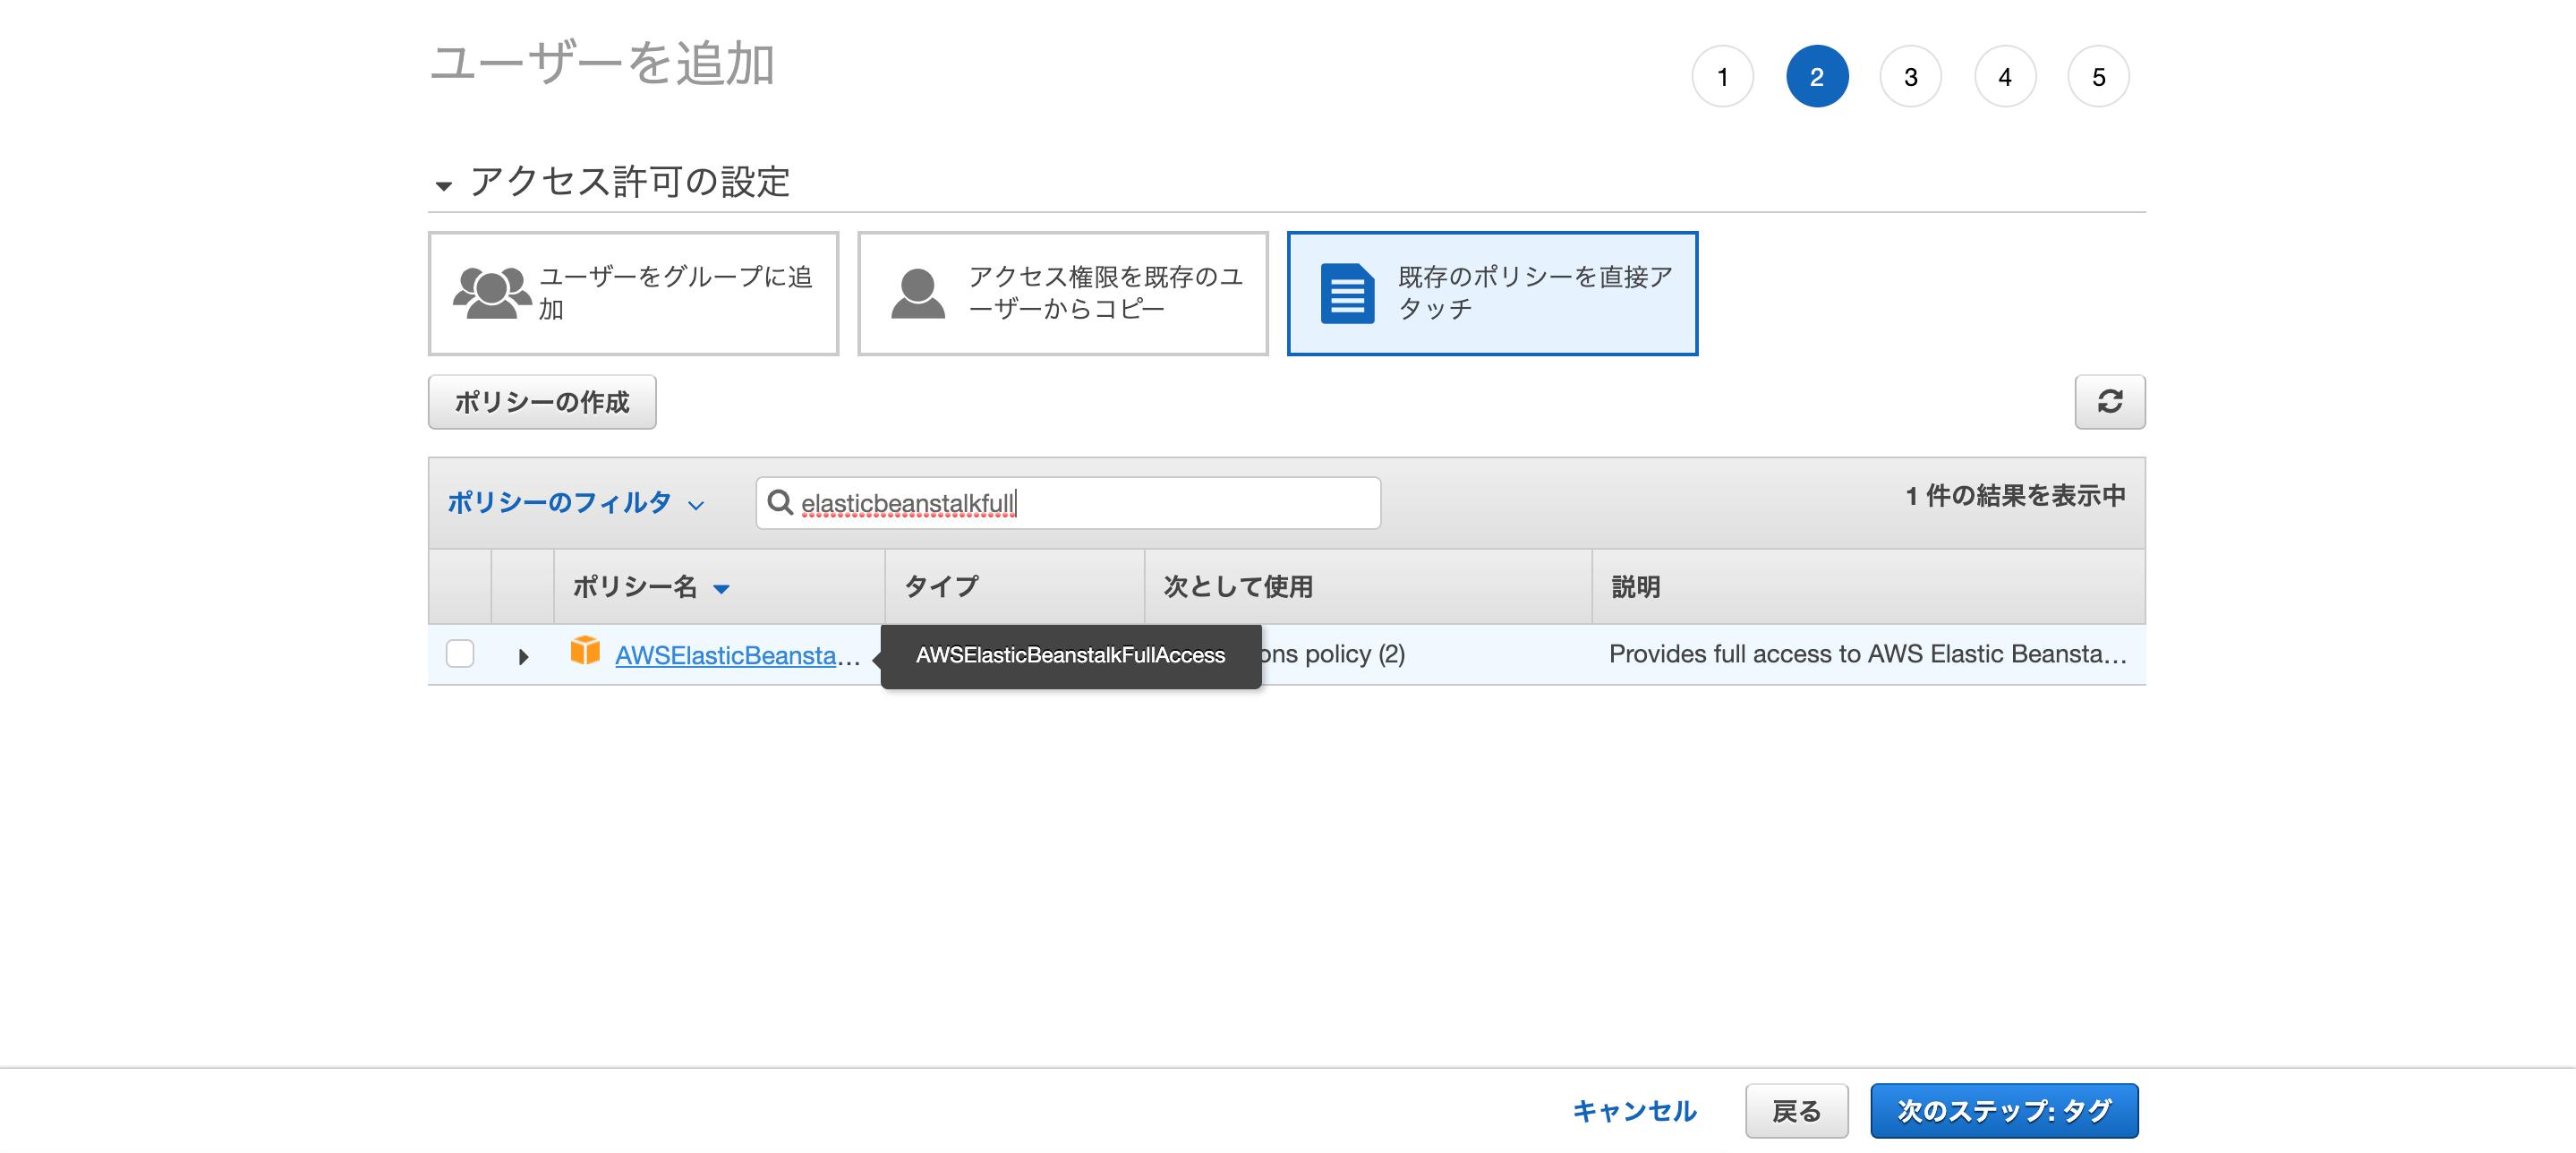 スクリーンショット 2019-04-19 0.56.56.png